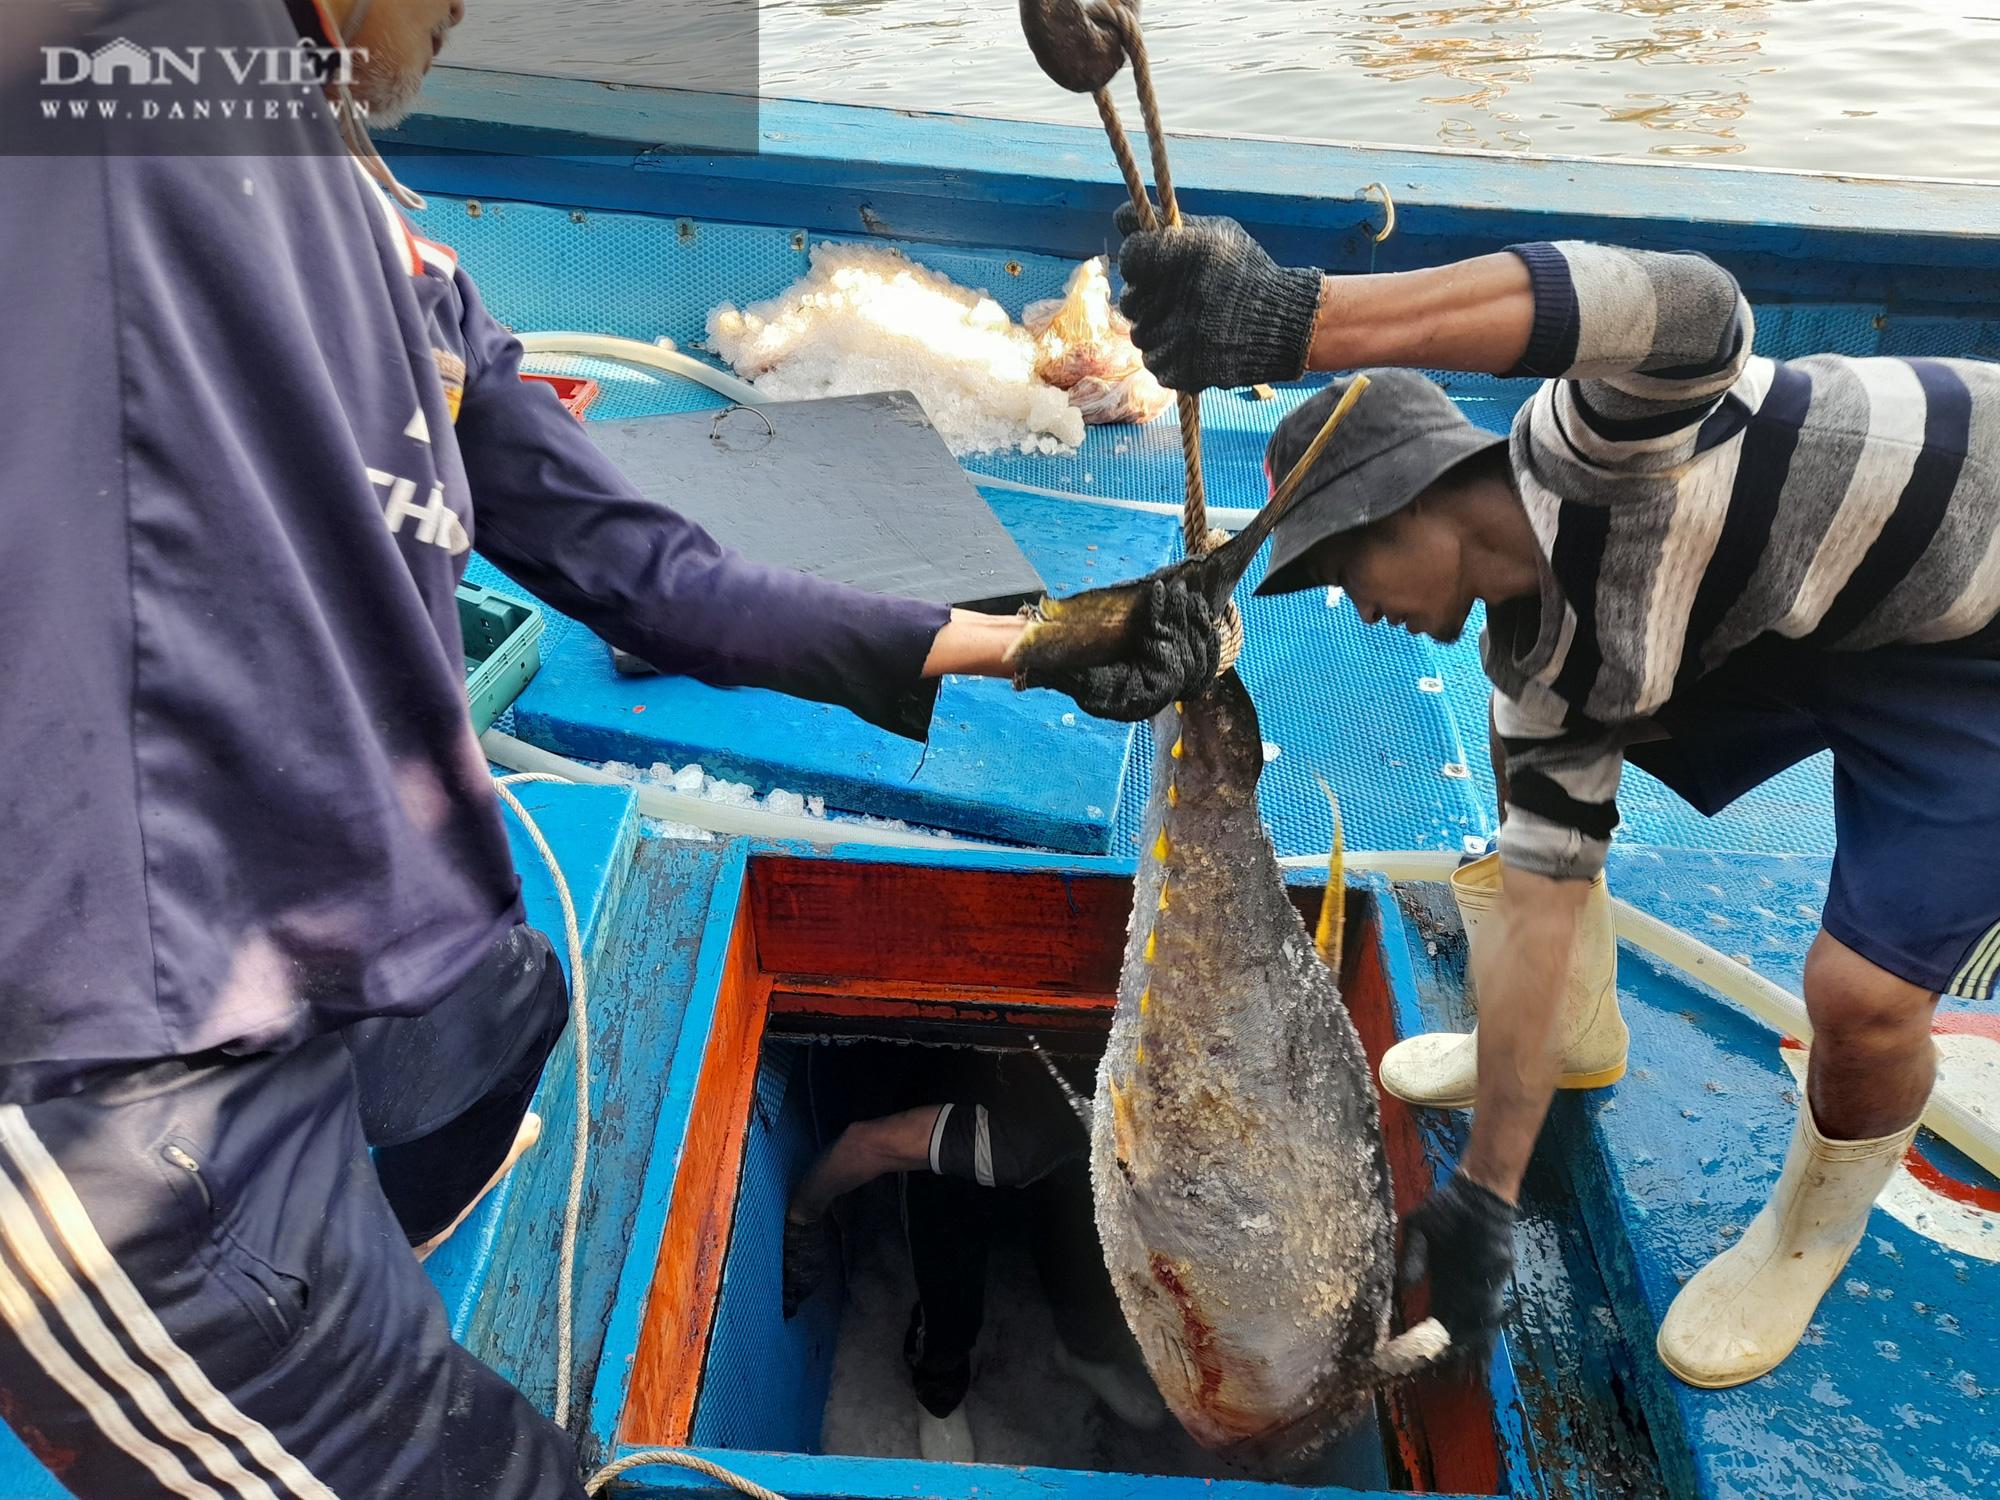 Cận cảnh đưa cá ngừ đại dương về bờ sau chuyến biển xuyên Tết - Ảnh 13.